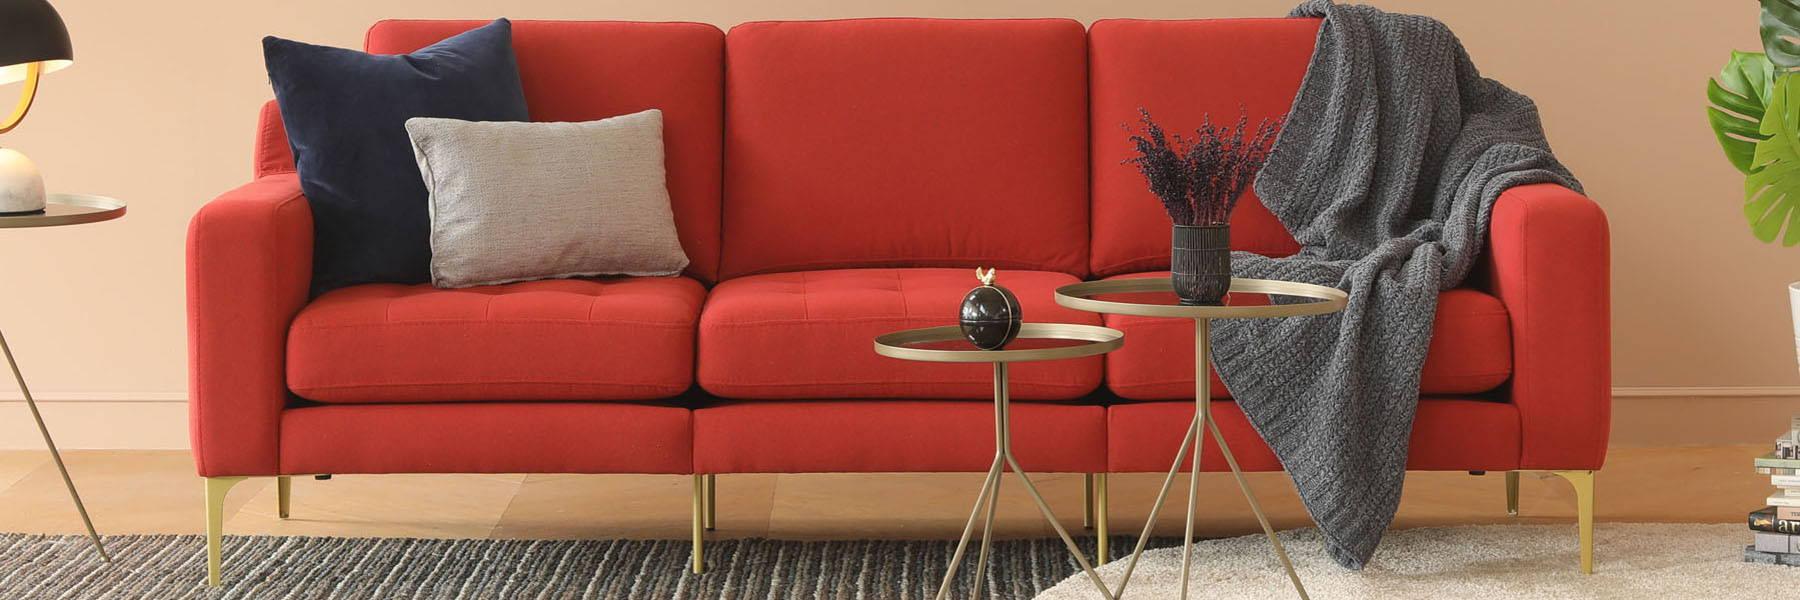 Normod Kırmızı Üçlü Modüler Koltuk desktop